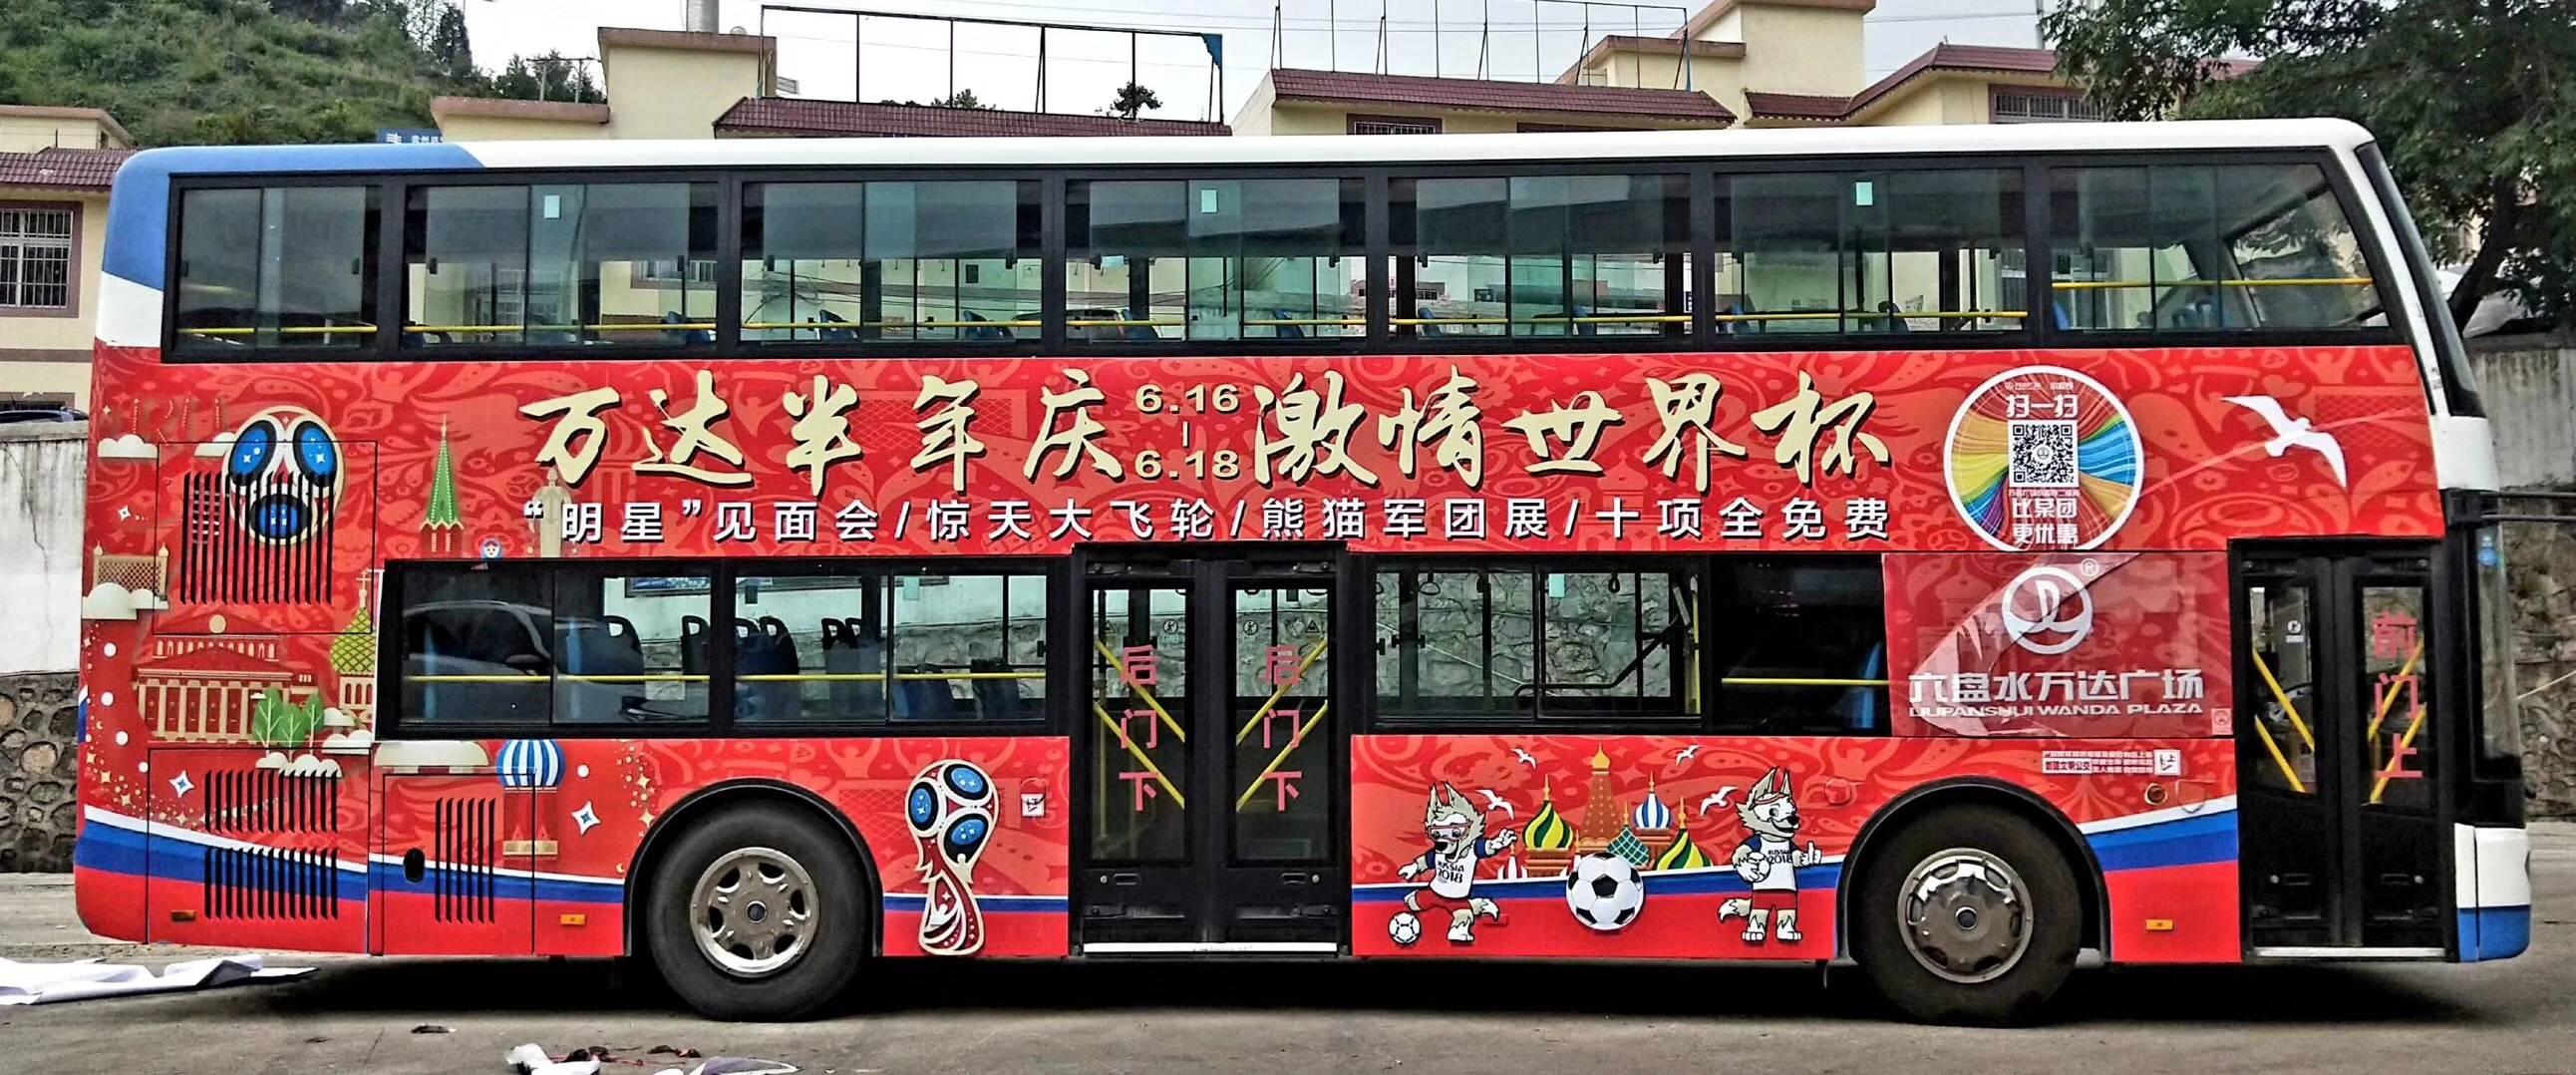 贵州公交车车身广告